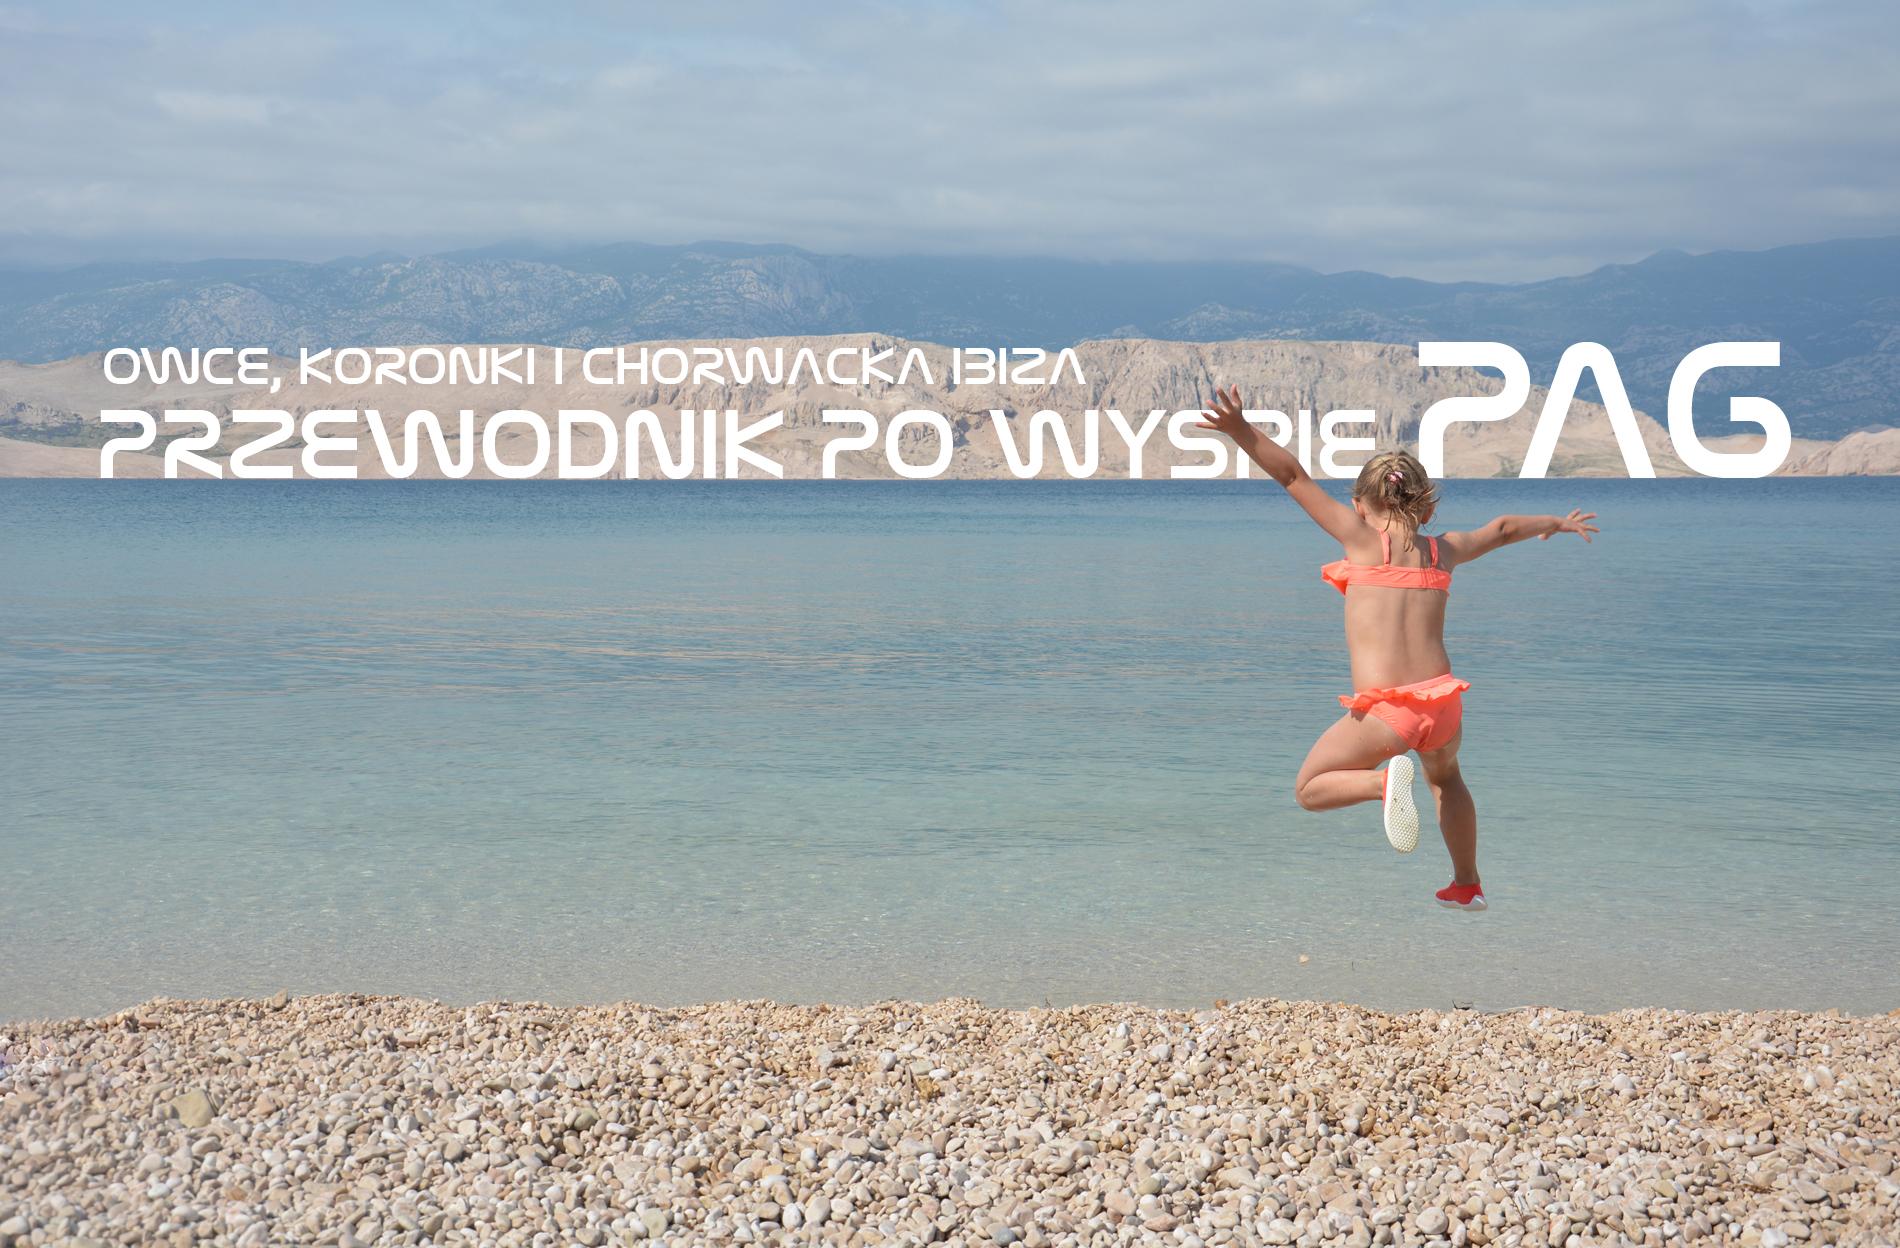 """Przewodnik po wyspie Pag – Koronki, owce i """"Chorwacka Ibiza"""""""